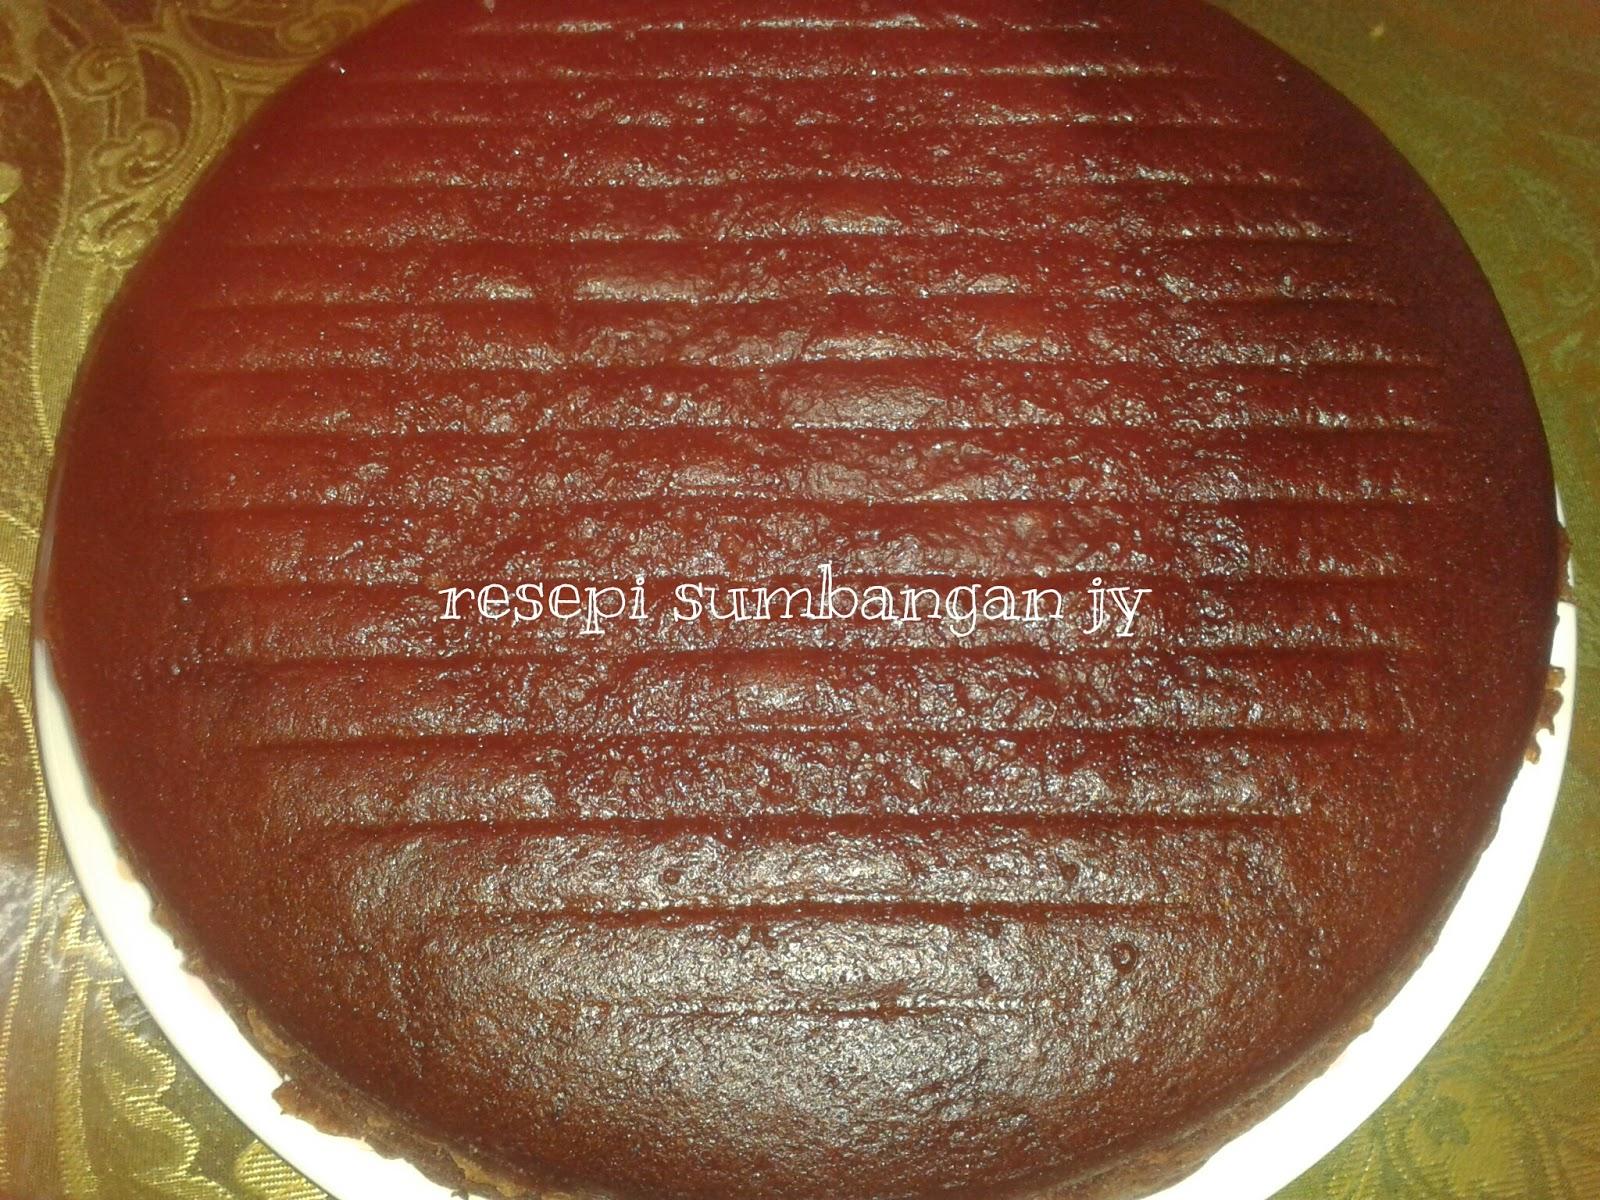 Kek Coklat Kukus Sunquick Recipes Kek Coklat Kukus